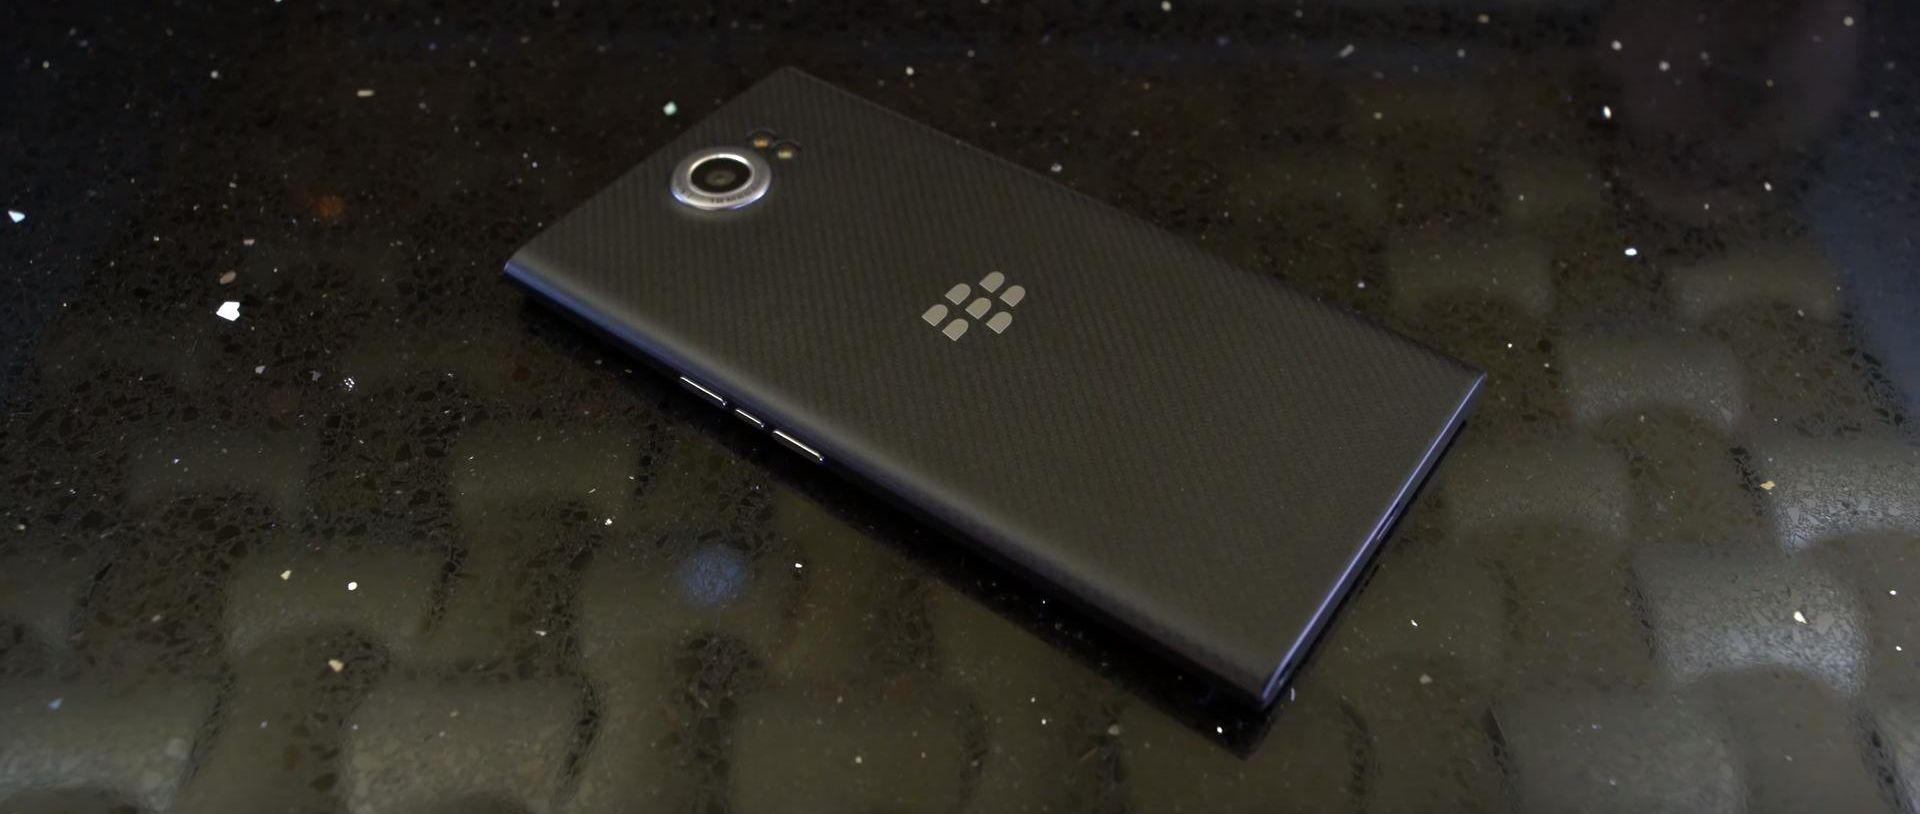 Blackberry za ovu godinu najavio dva povoljnija Android telefona